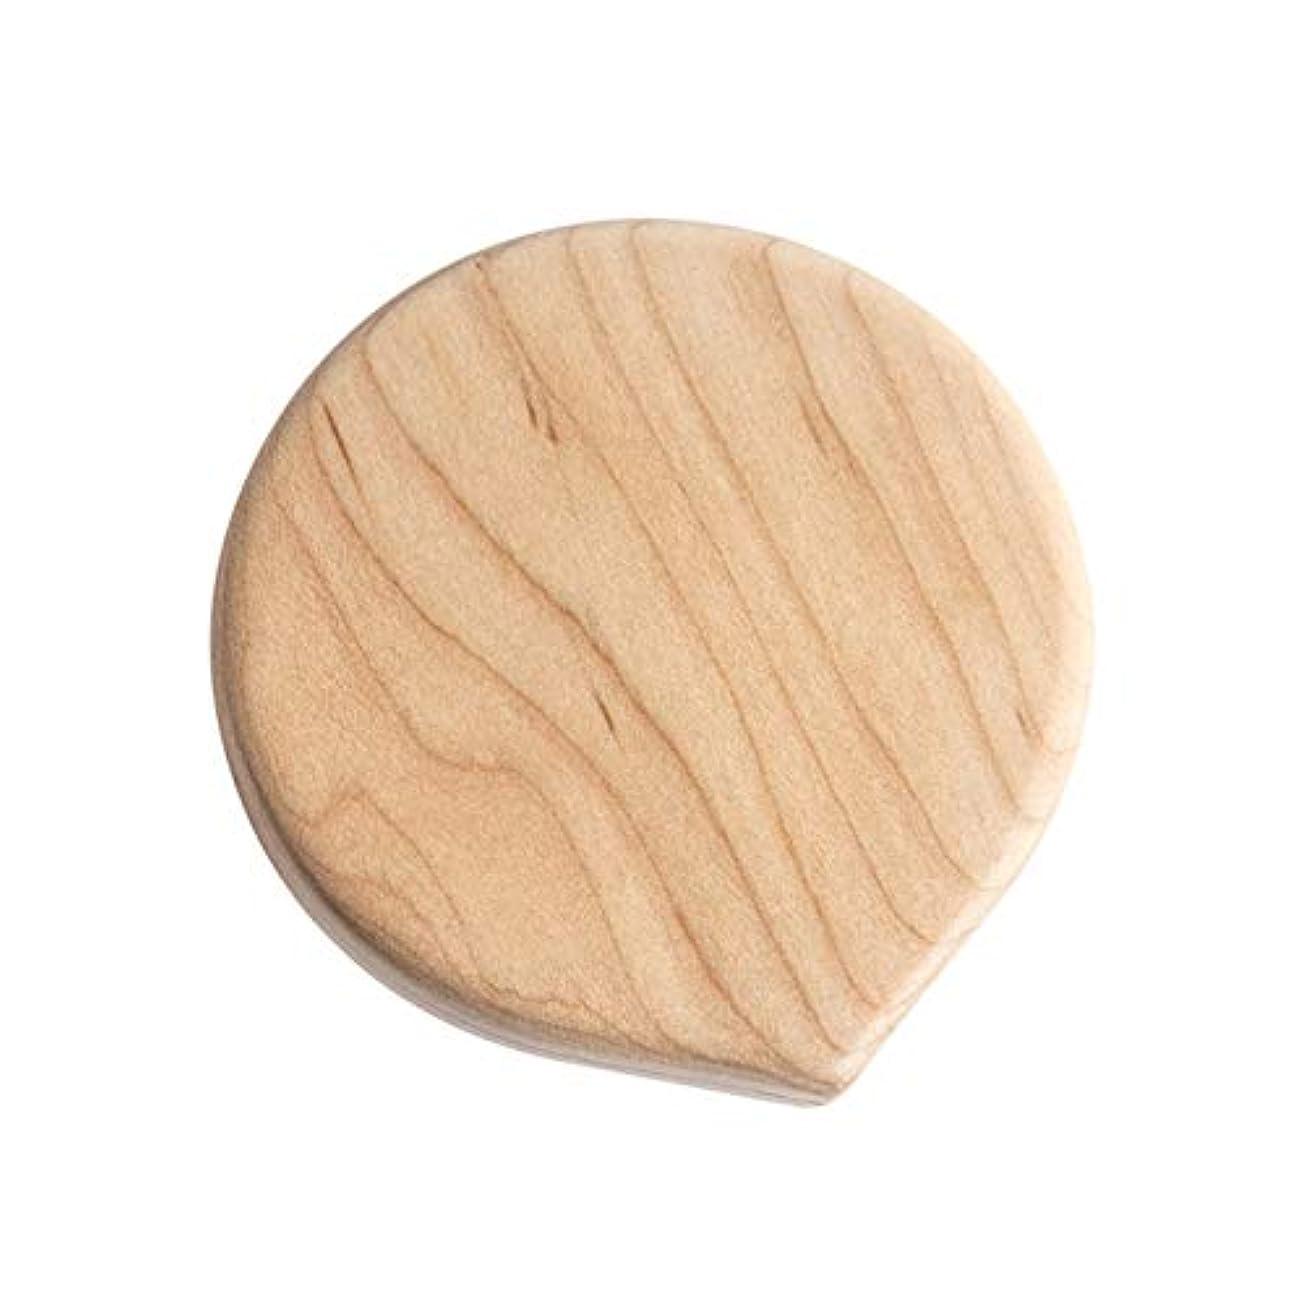 ピラミッド従来のカッター手鏡 ミニミラー 化粧鏡 携帯ミラー コンパクト鏡 コンパクトミラー 木製 旅行用 持ち運び便利 おしゃれ コンパクトミラー 化粧ミラー 拡大鏡付 (A04)